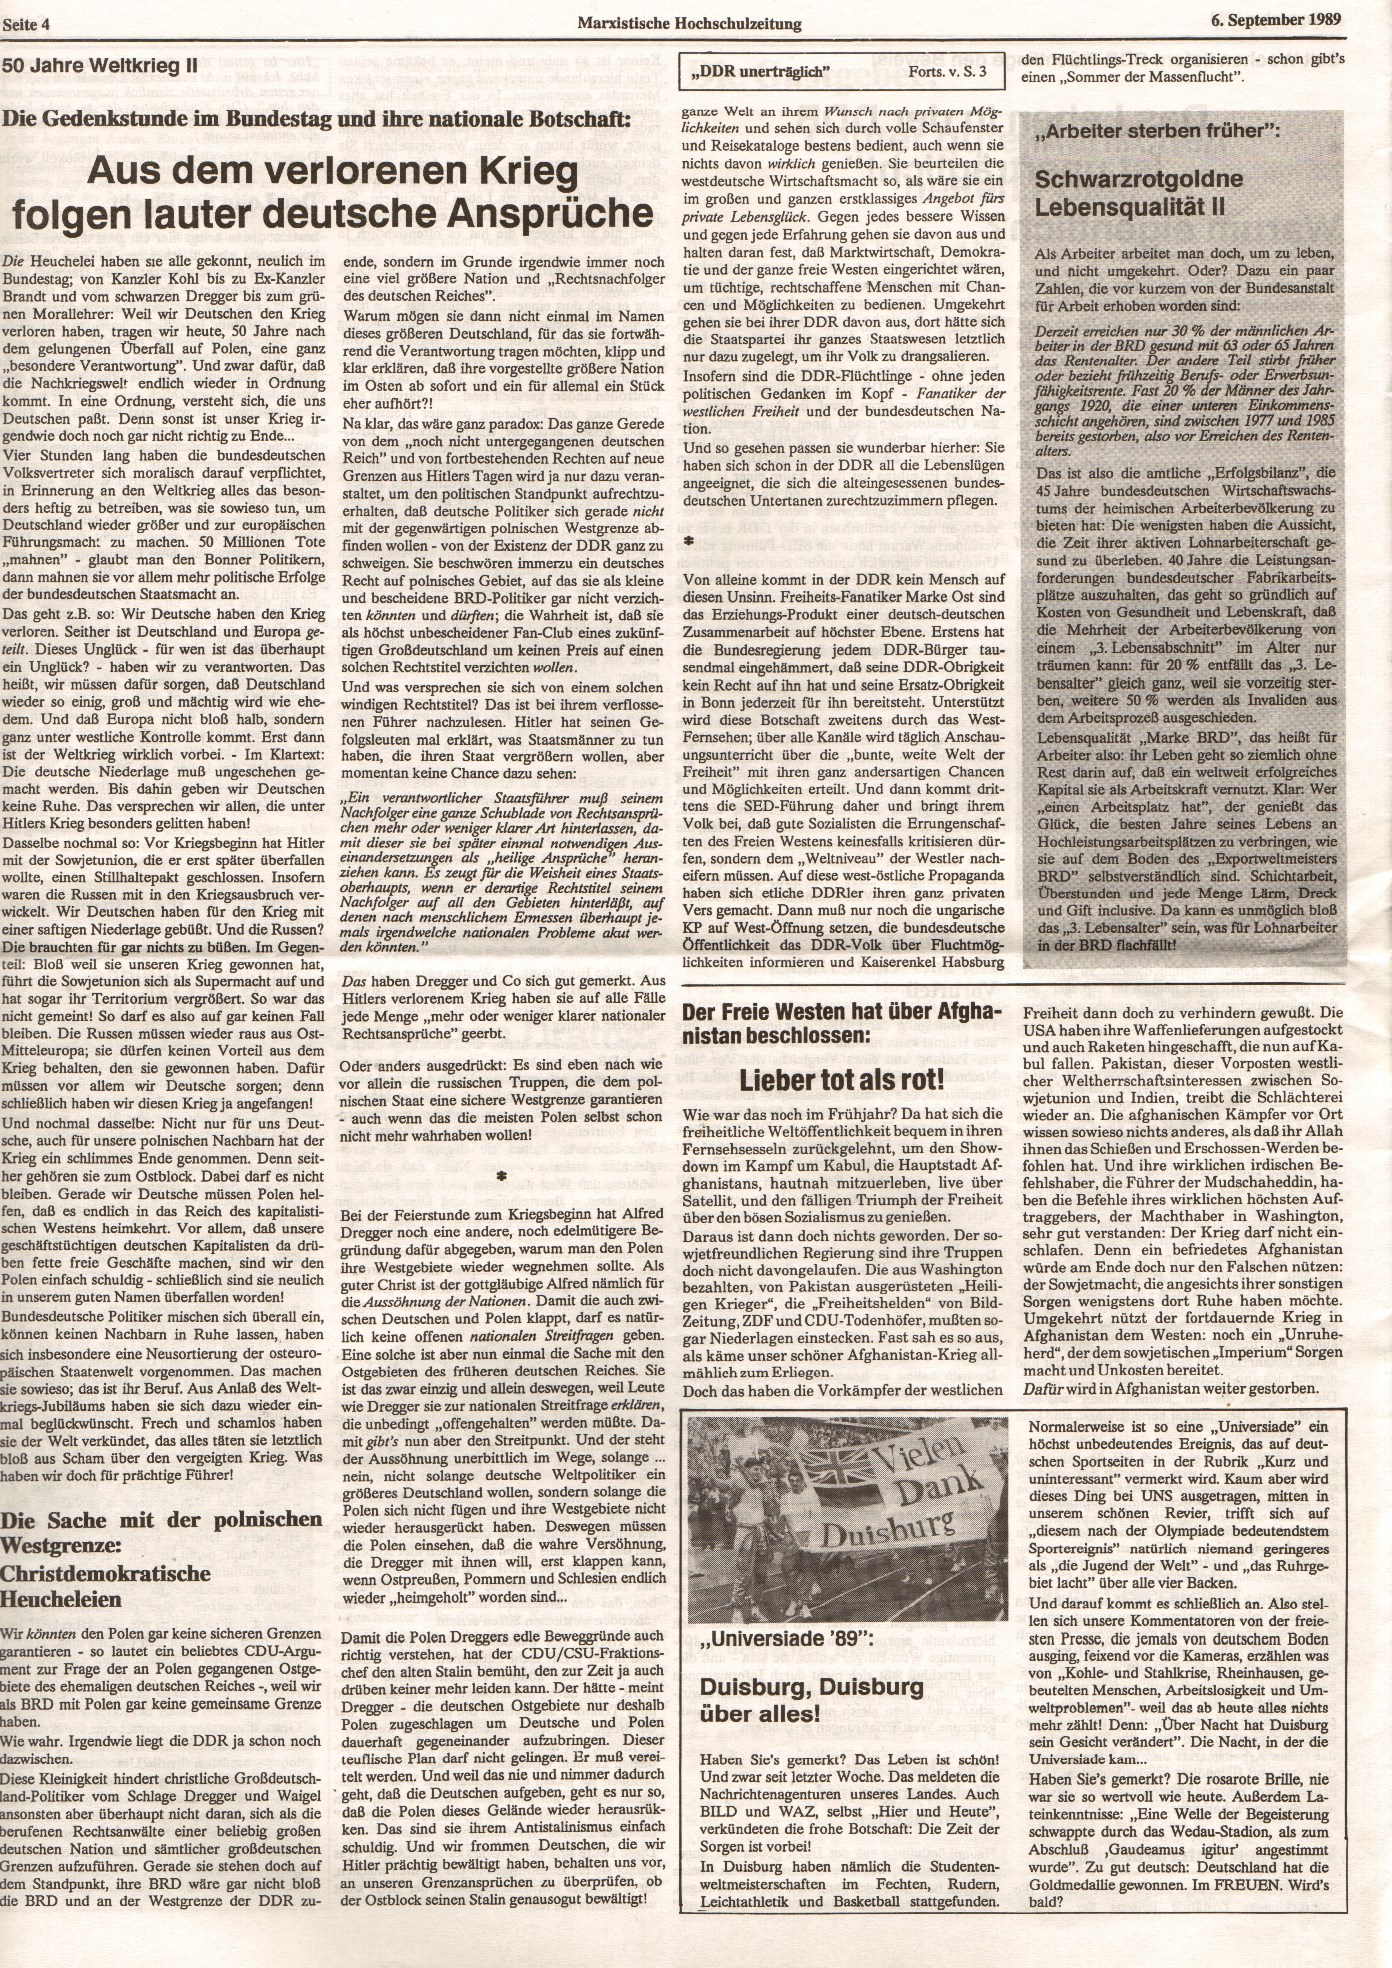 Ruhrgebiet_MG_Marxistische_Hochschulzeitung_19890906_04